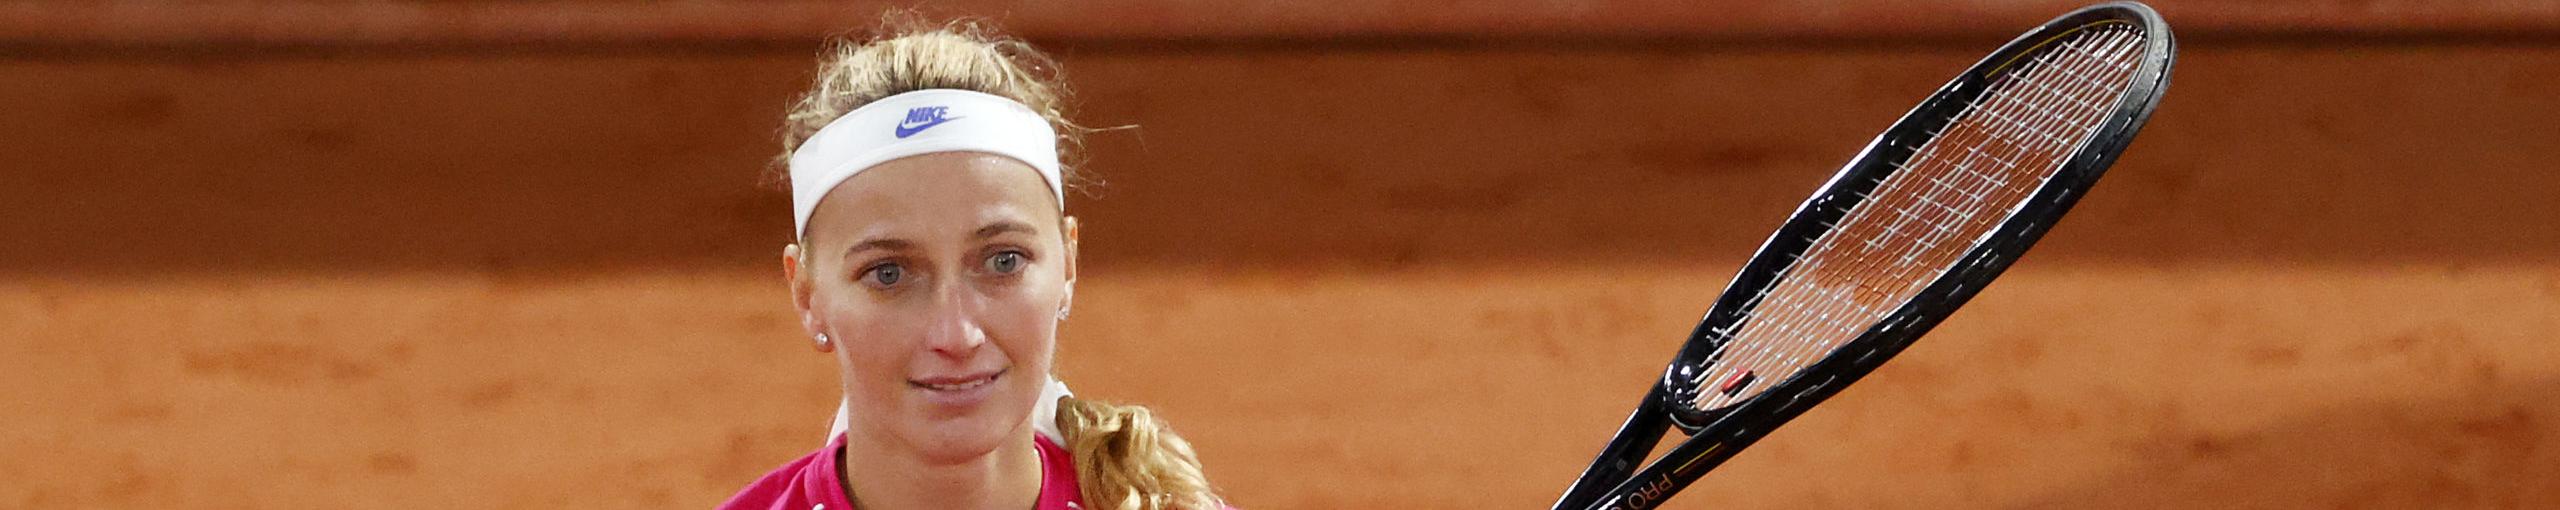 Pronostici e quote Roland Garros 2020: al via i quarti, apre Kvitova-Siegemund